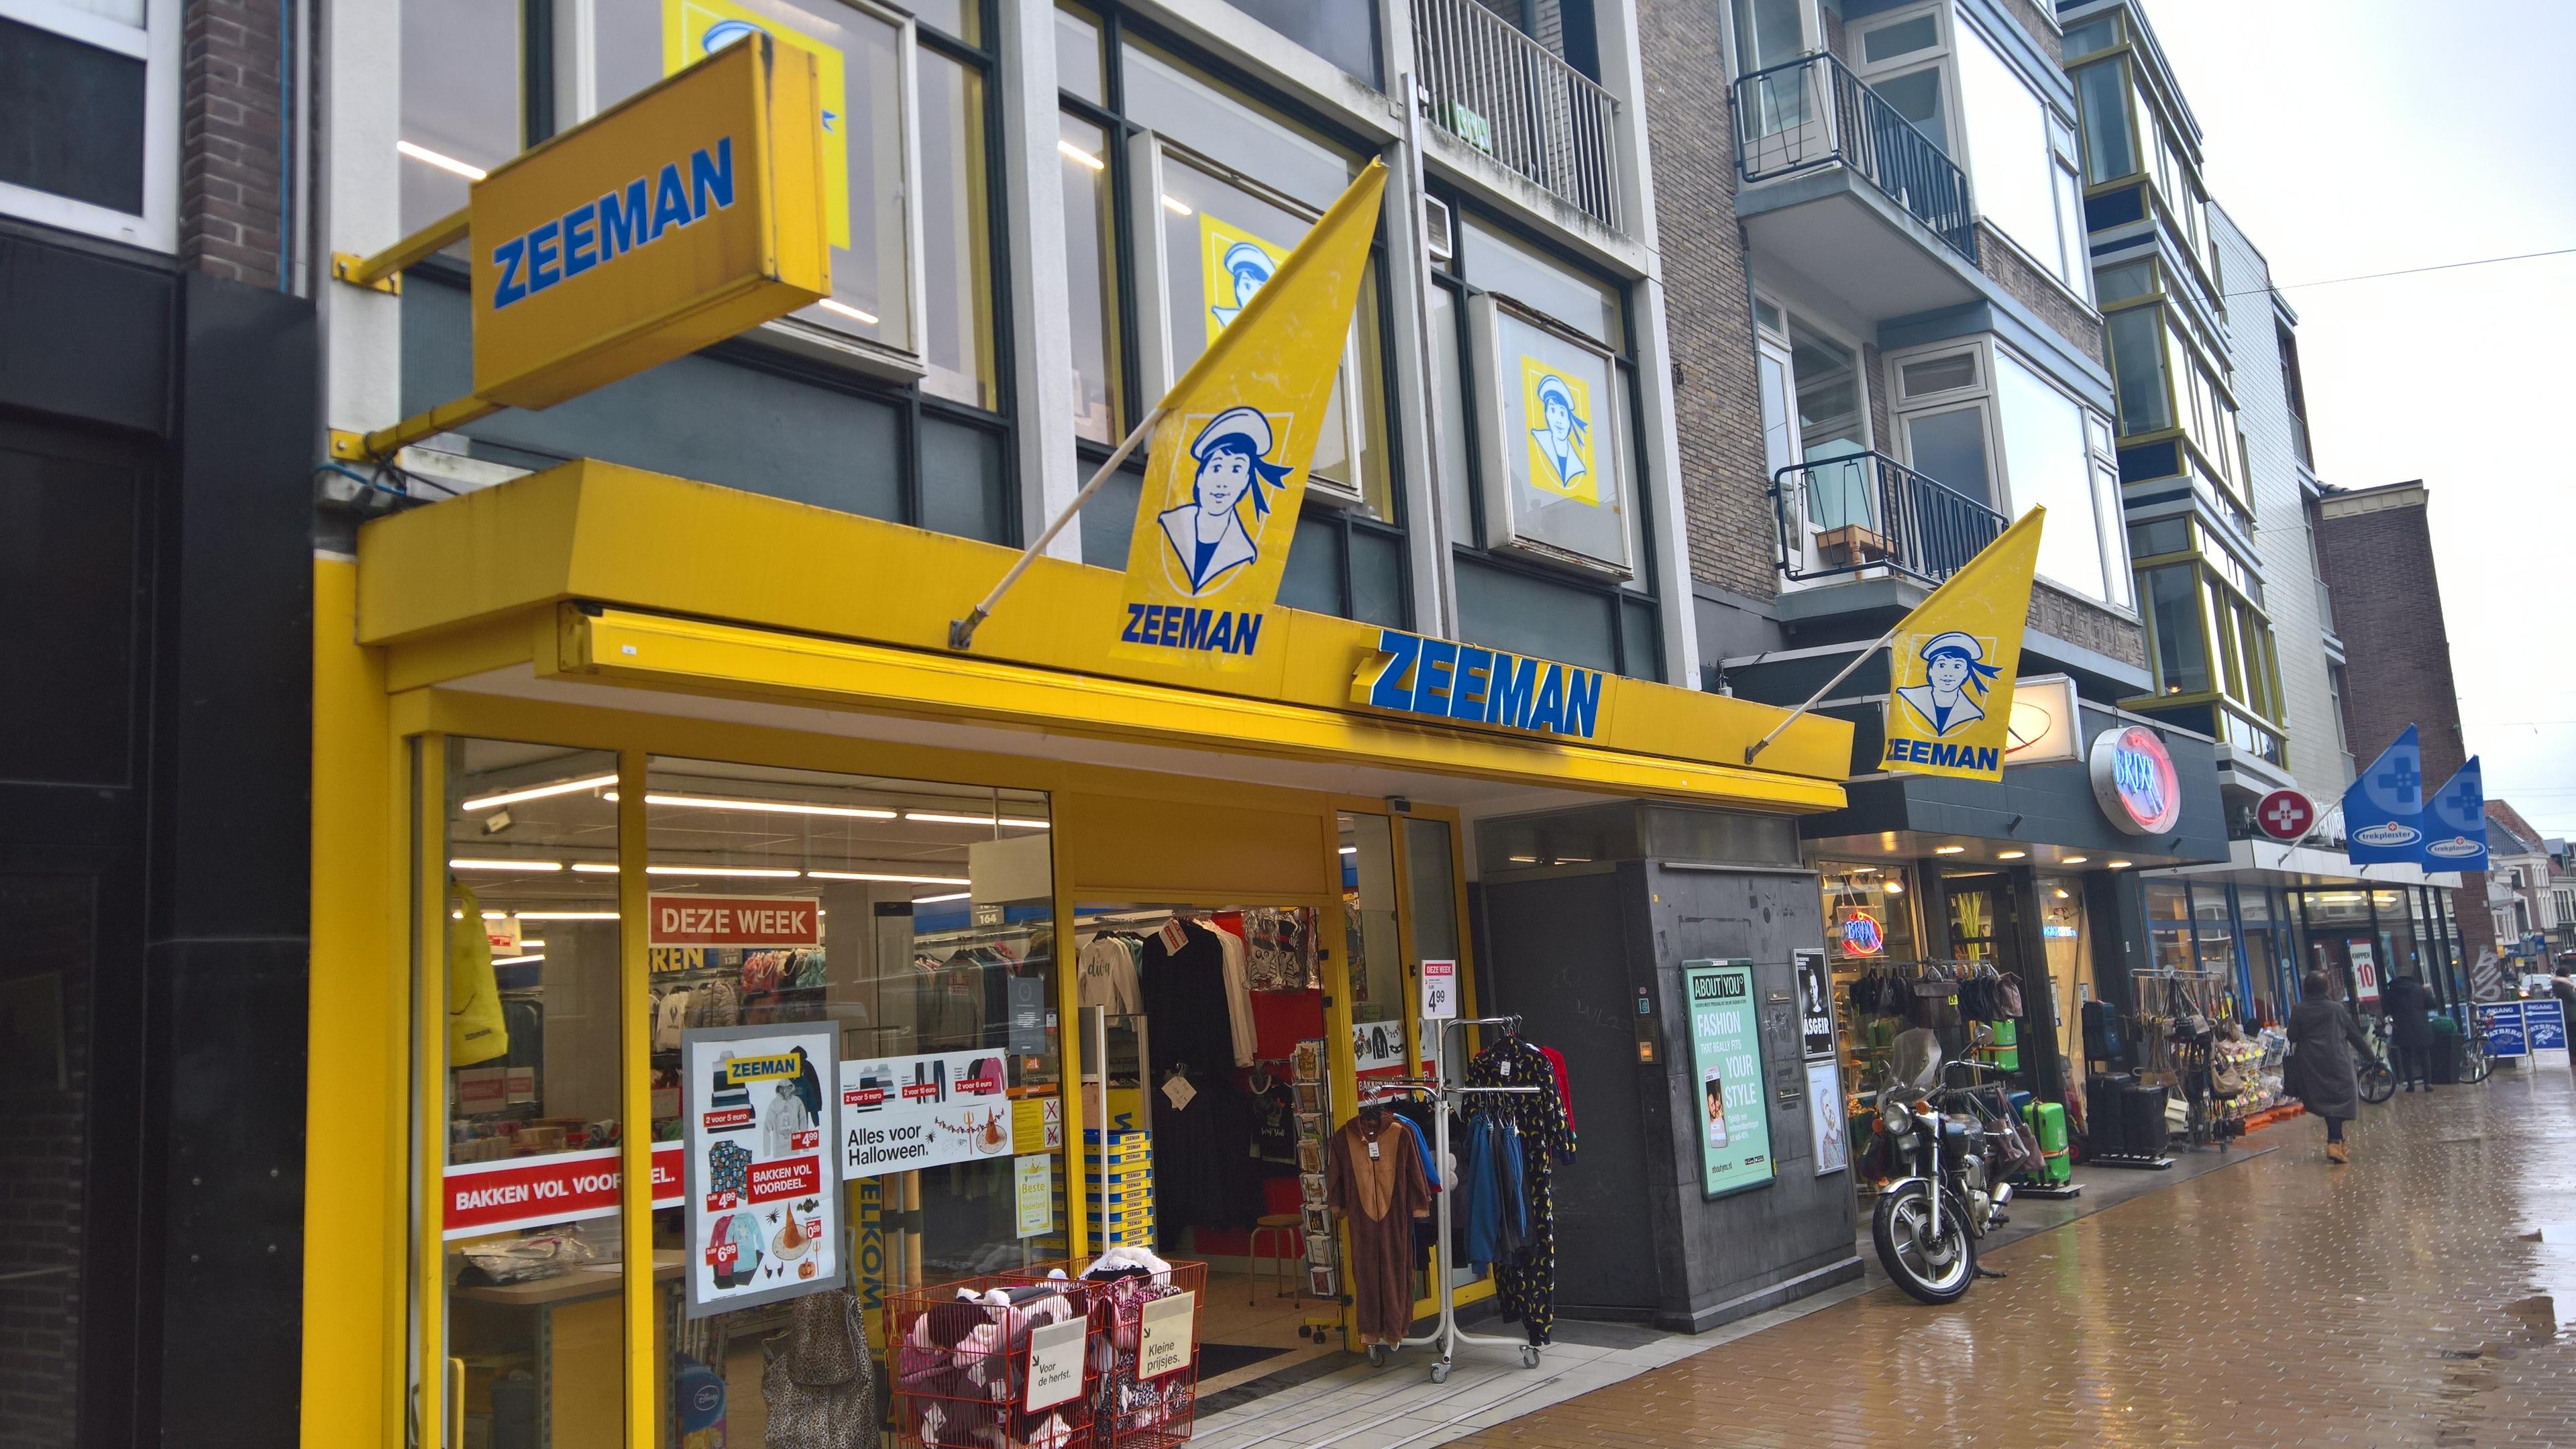 Zeeman Halloween.File Zeeman Oude Ebbingestraat Groningen 2017 Jpg